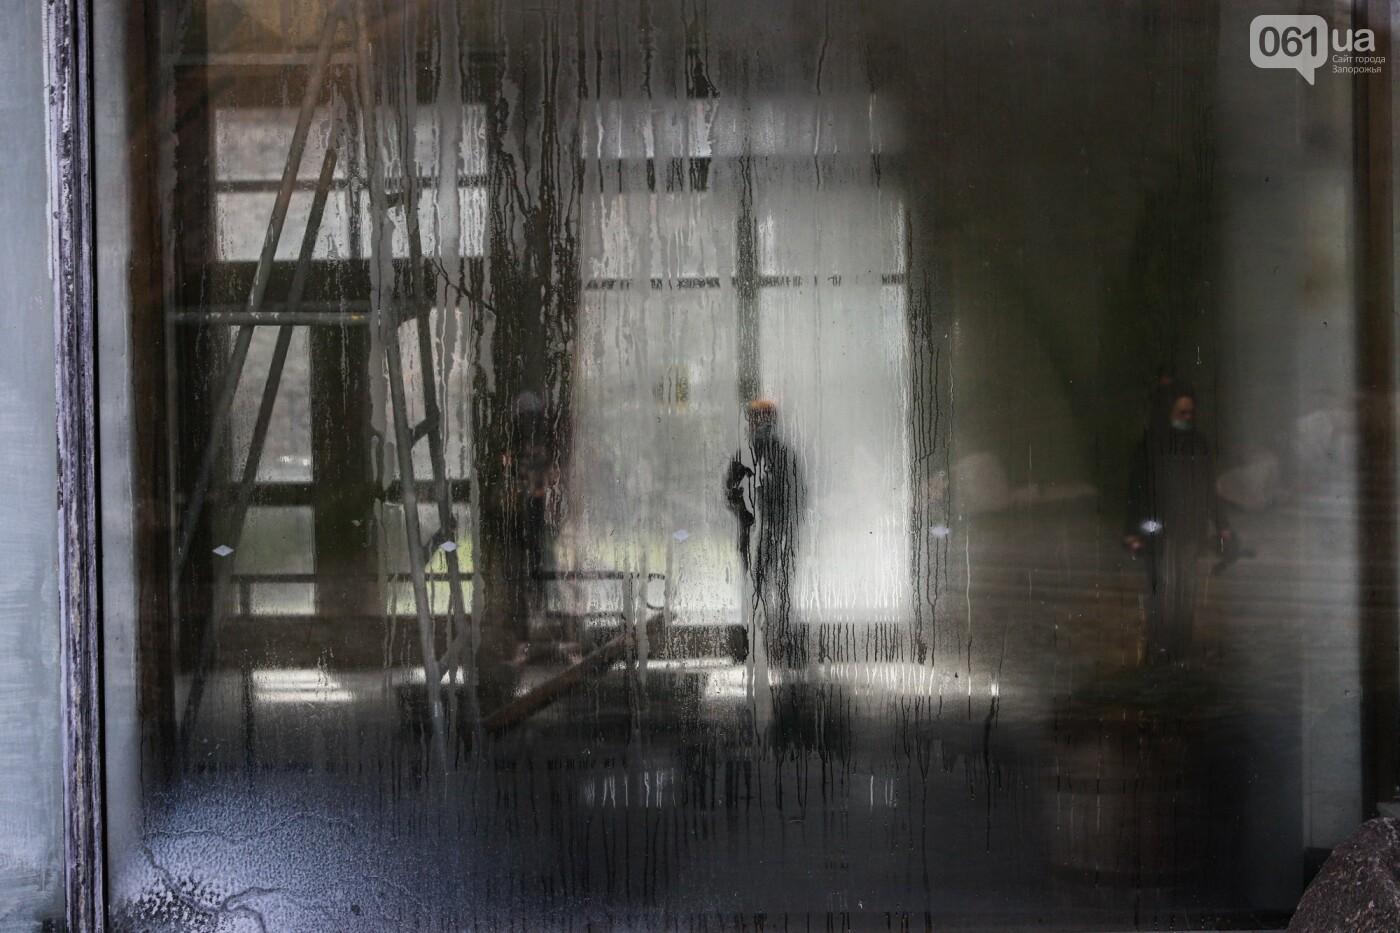 Музей истории запорожского казачества в ожидании реконструкции: как сейчас выглядит аварийное здание, - ФОТОРЕПОРТАЖ, фото-27